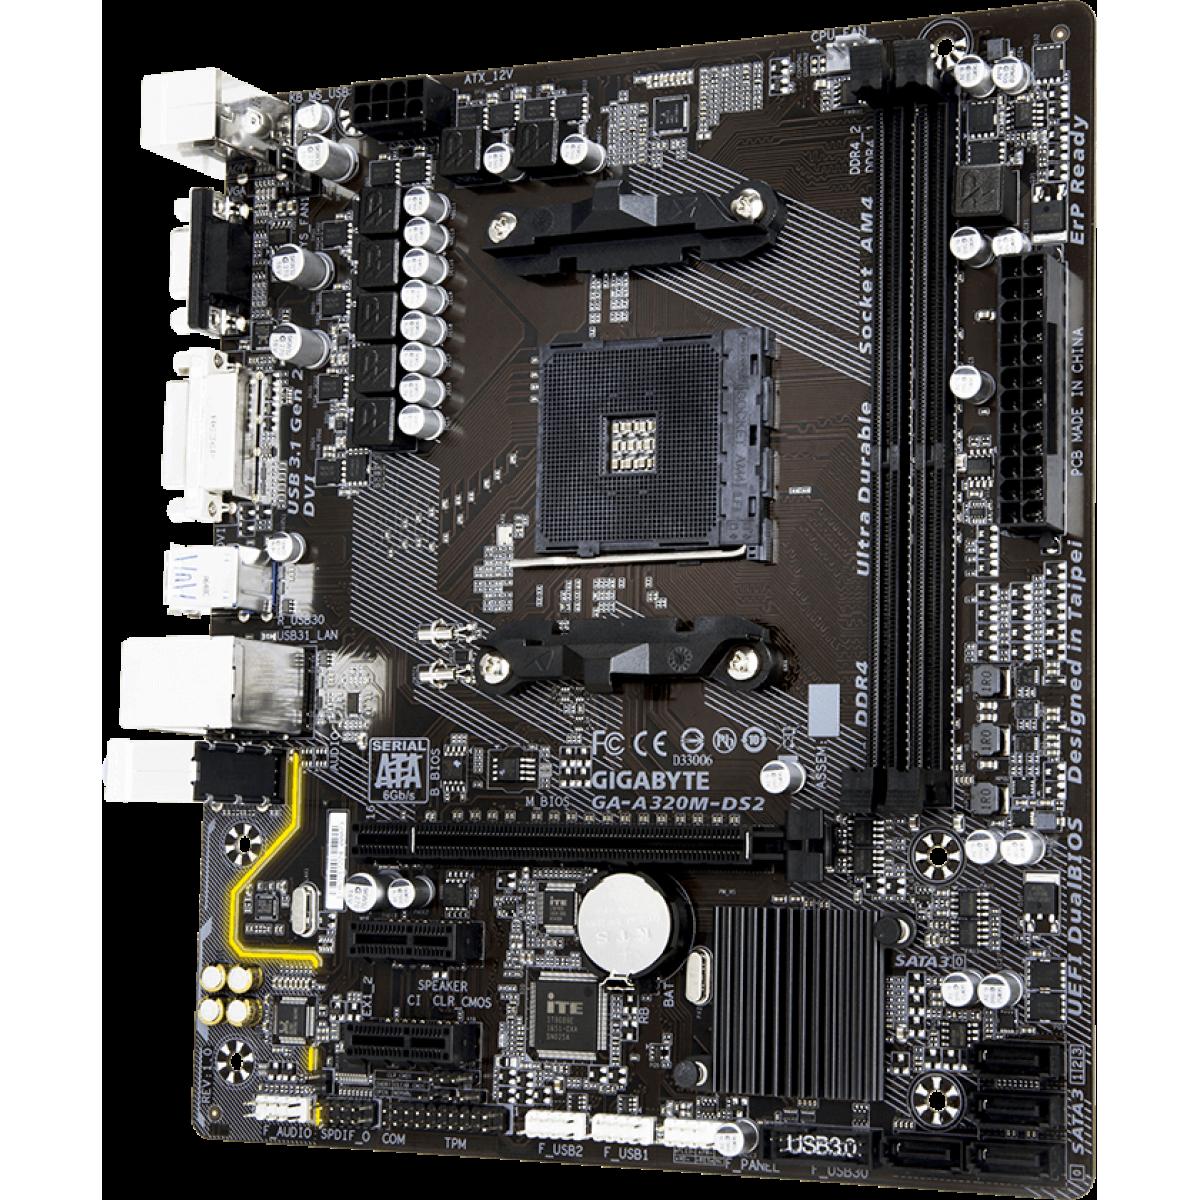 Placa Mãe Gigabyte GA-A320M-DS2, Chipset A320, AMD AM4, mATX, DDR4